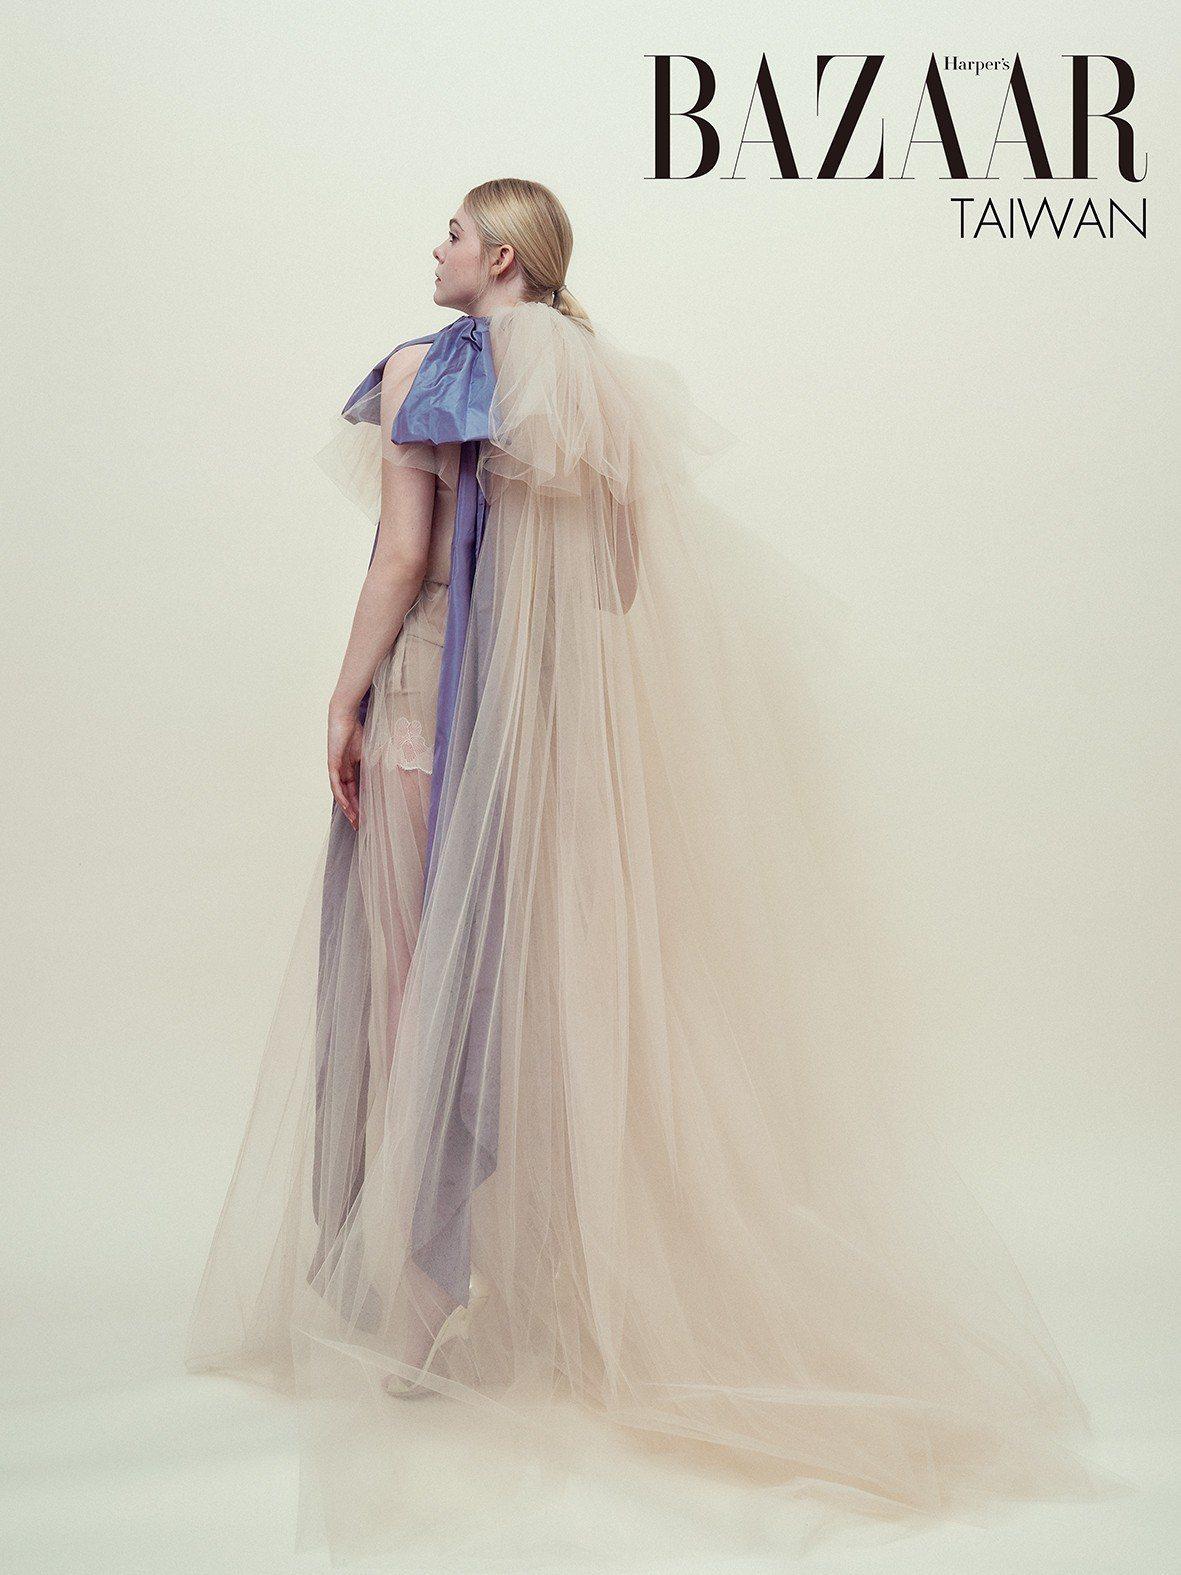 多層次虹彩雪紡長裙,Alexander McQueen